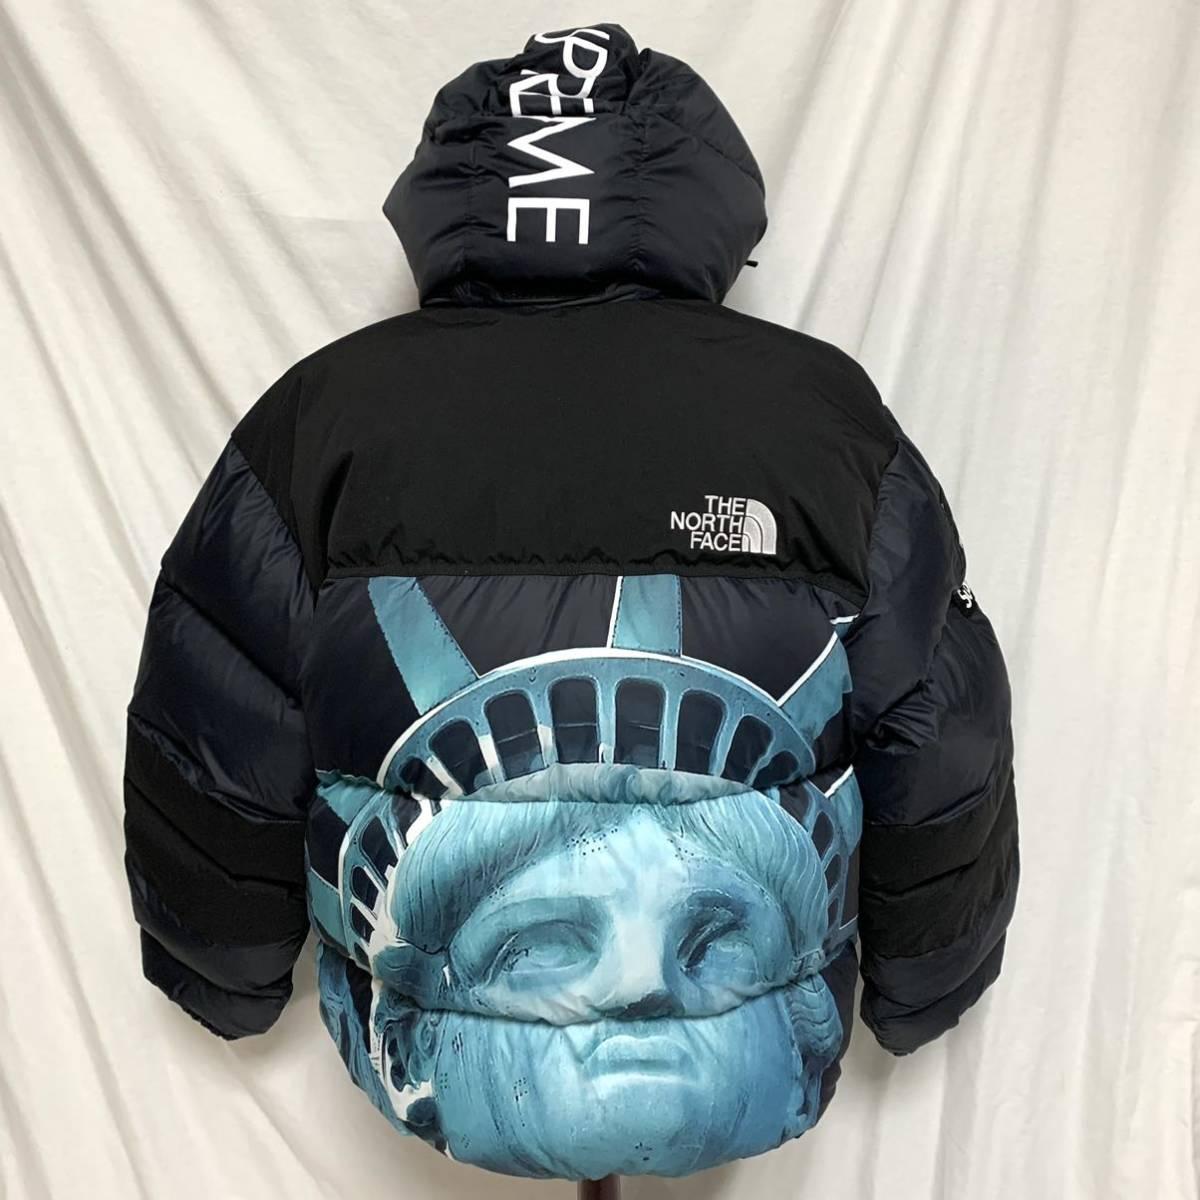 美品Supreme 19AW The North Face Statue of Liberty Baltoro Jacket シュプリーム ザノースフェイス 自由の女神 バルトロダウンジャケット_画像2